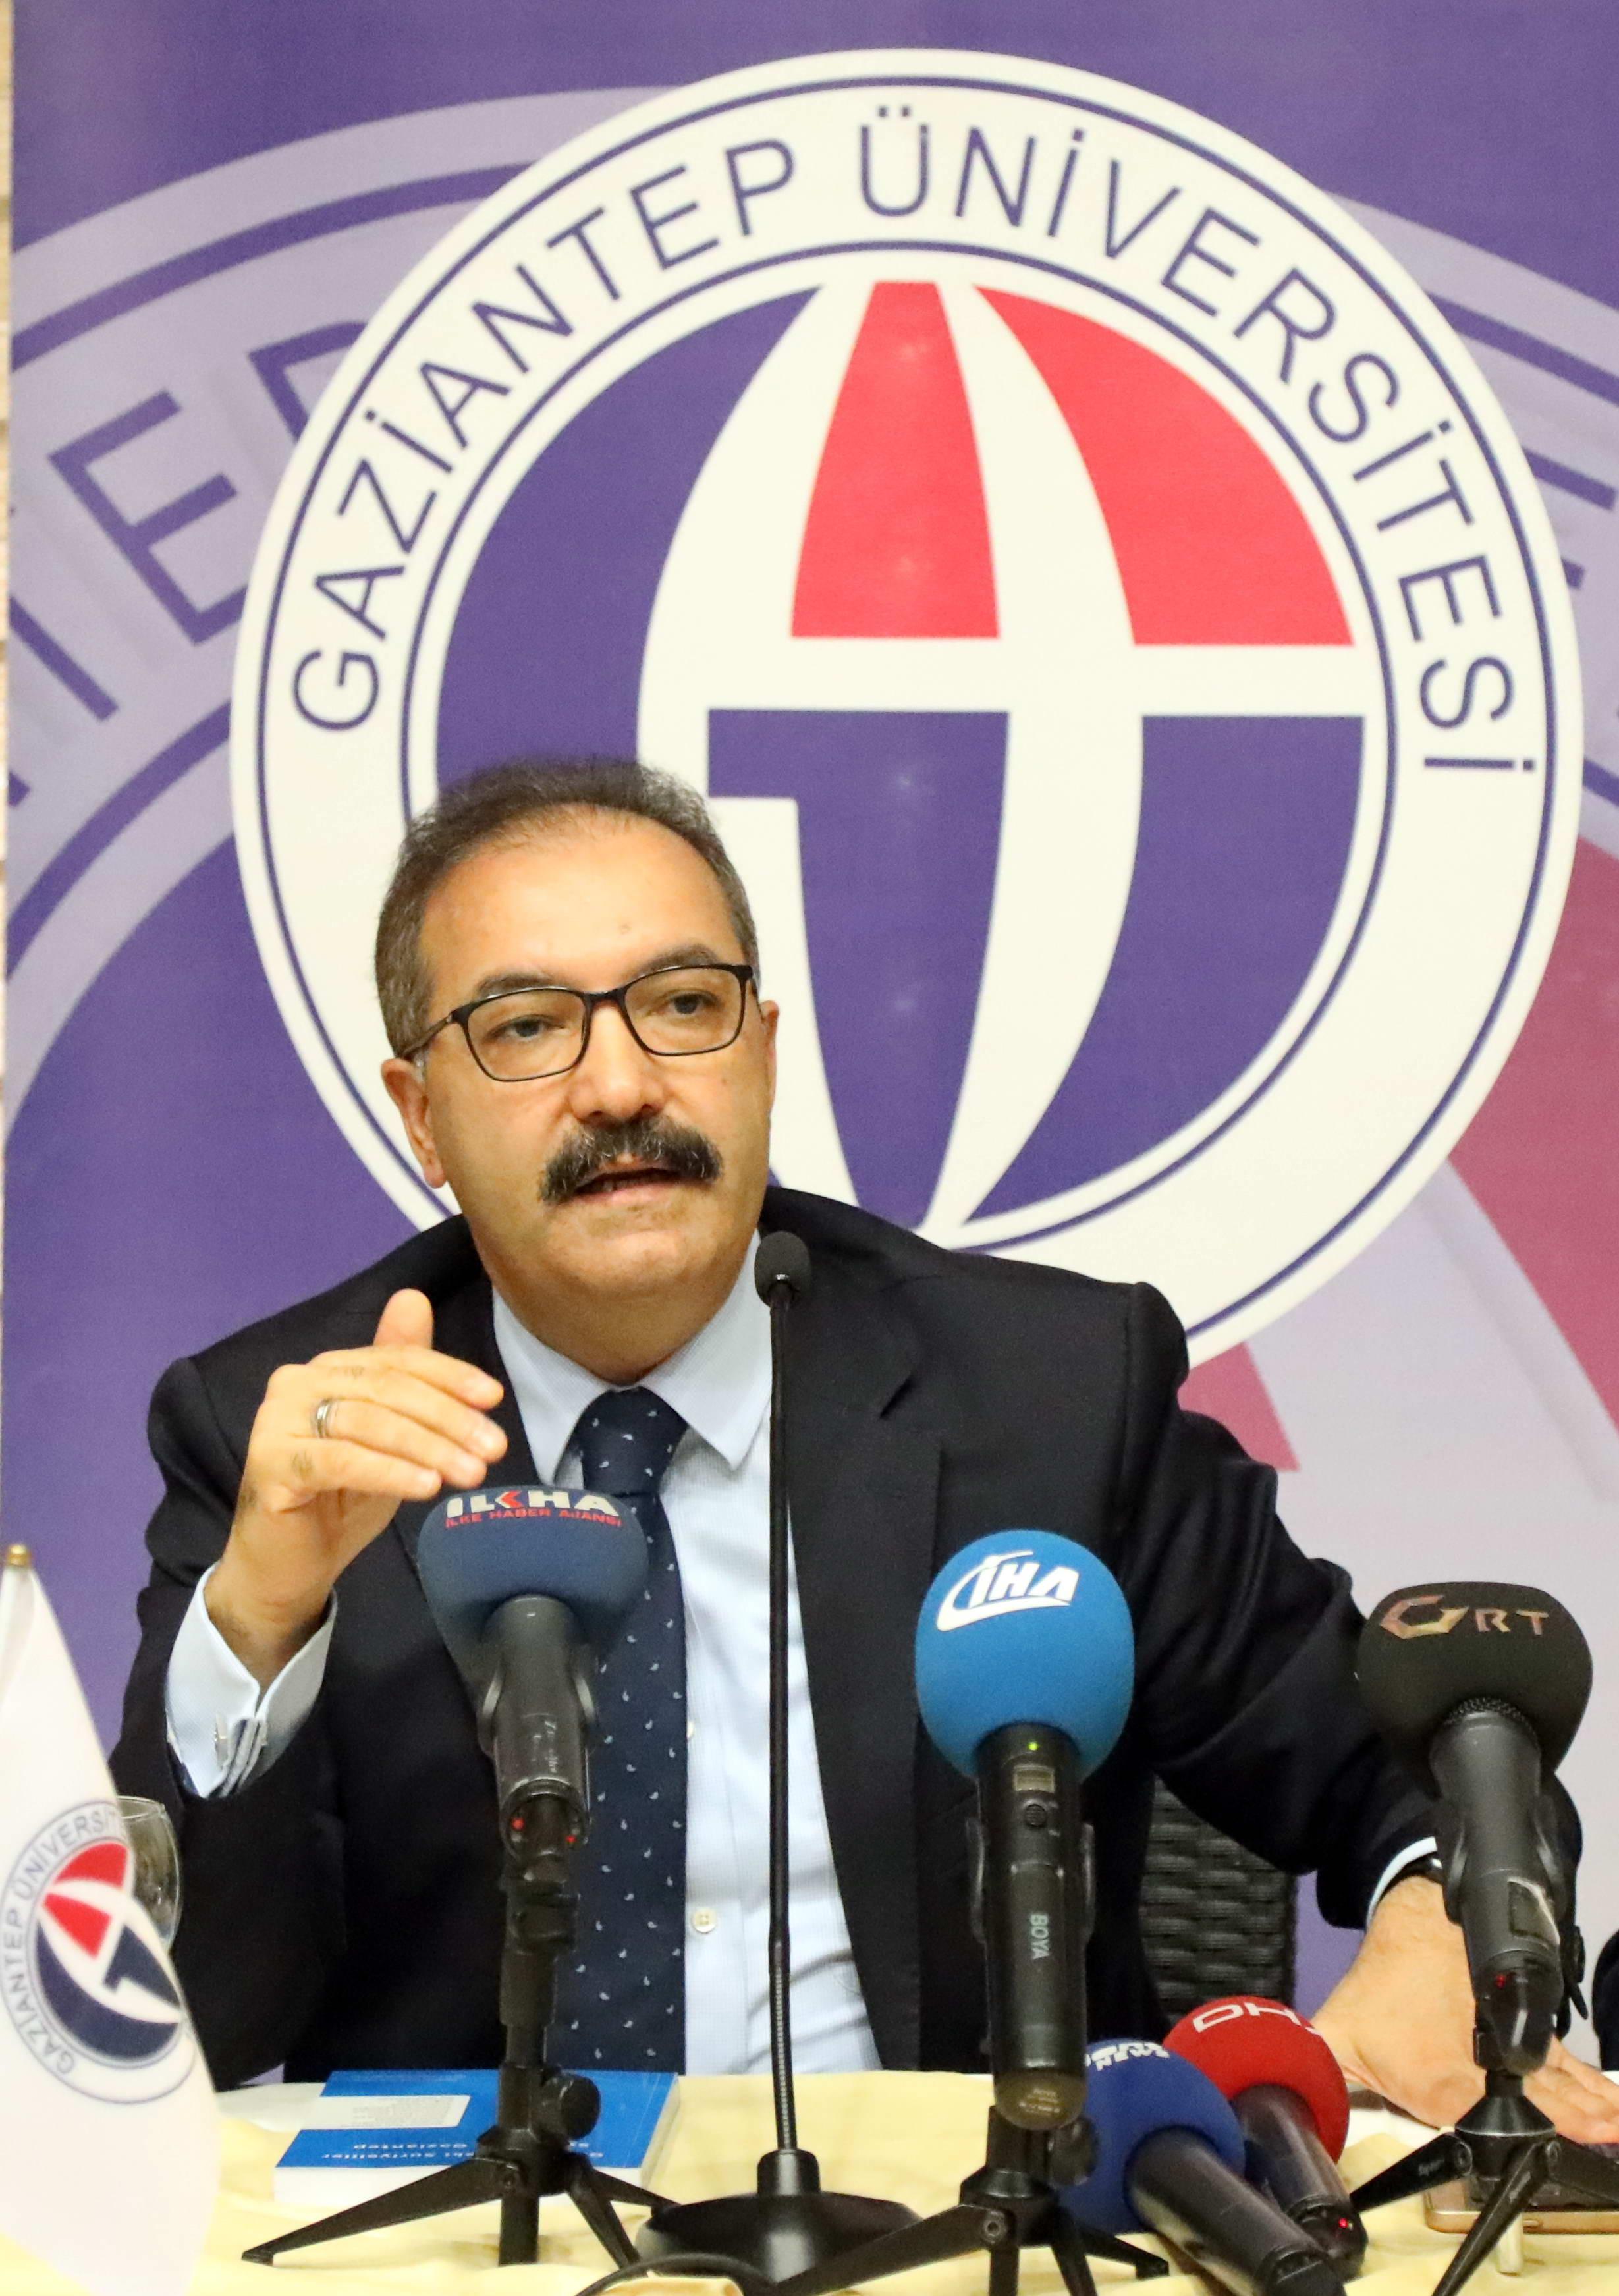 GAÜN'DEN ÇOK ÇARPICI SURİYELİ ARAŞTIRMASI -  (Prof. Dr. Ali Gür)